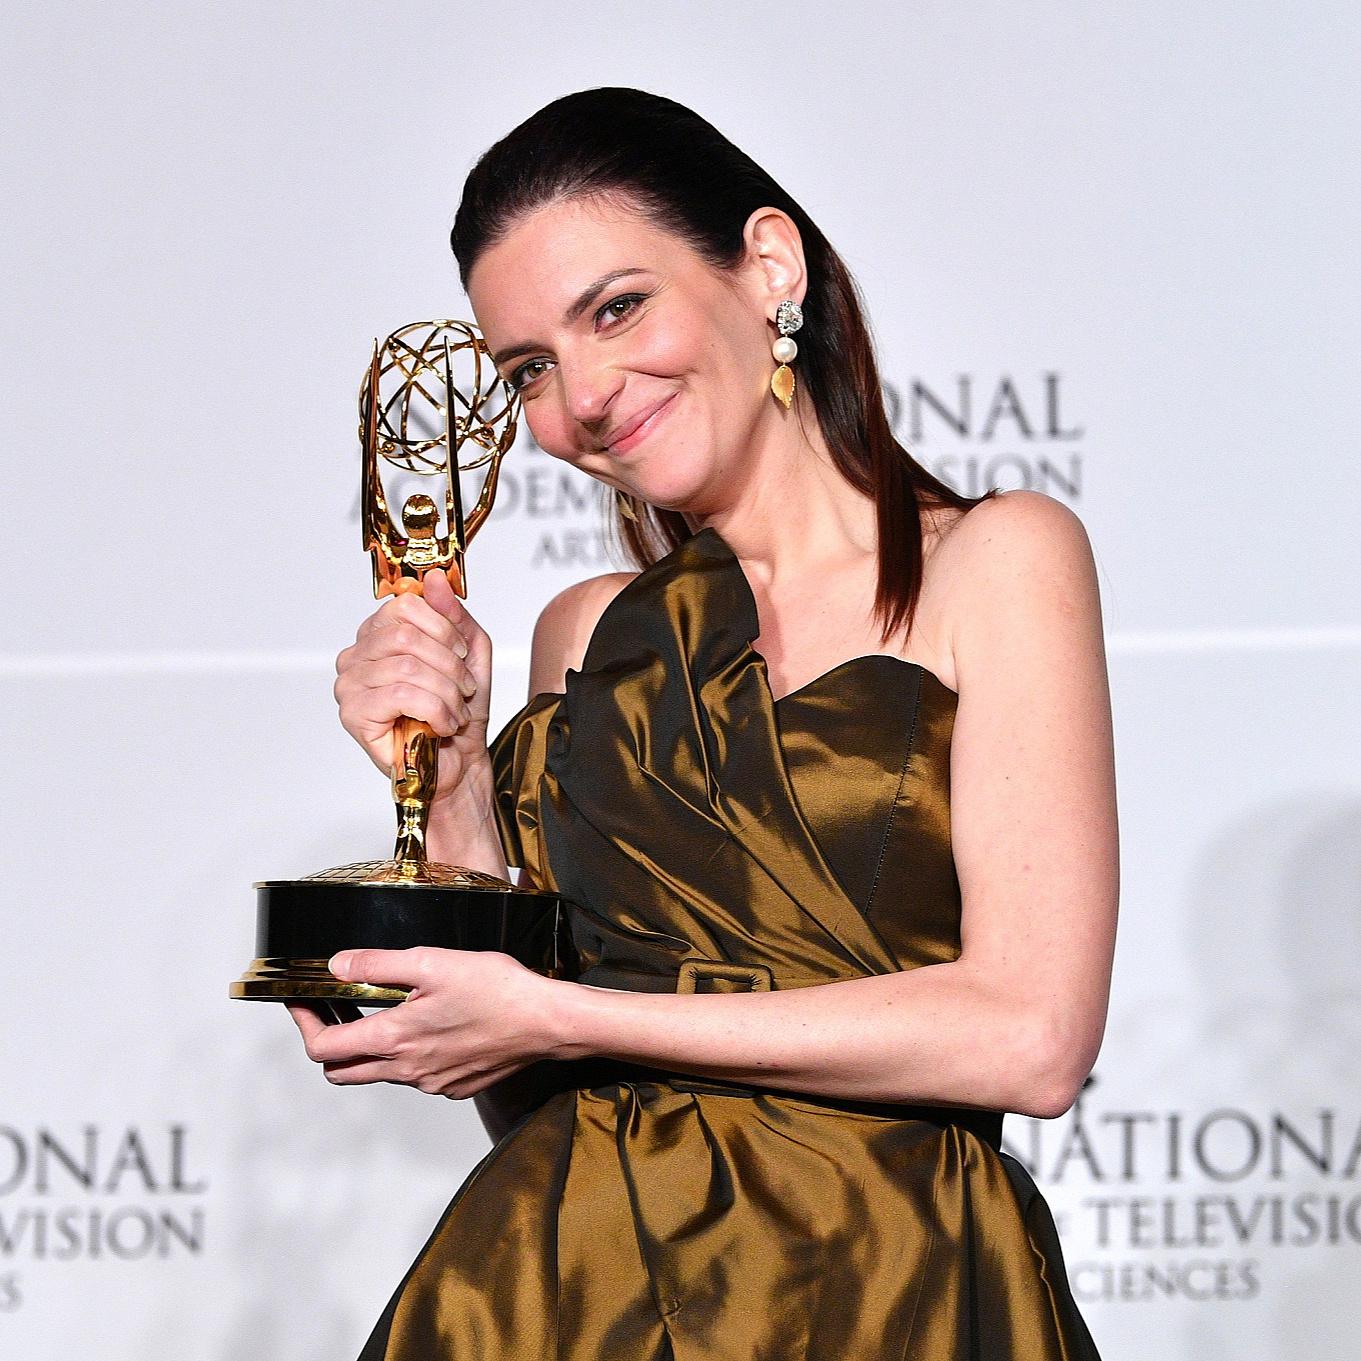 Fantasztikus: magyar győzelem a Nemzetközi Emmy-díjátadón